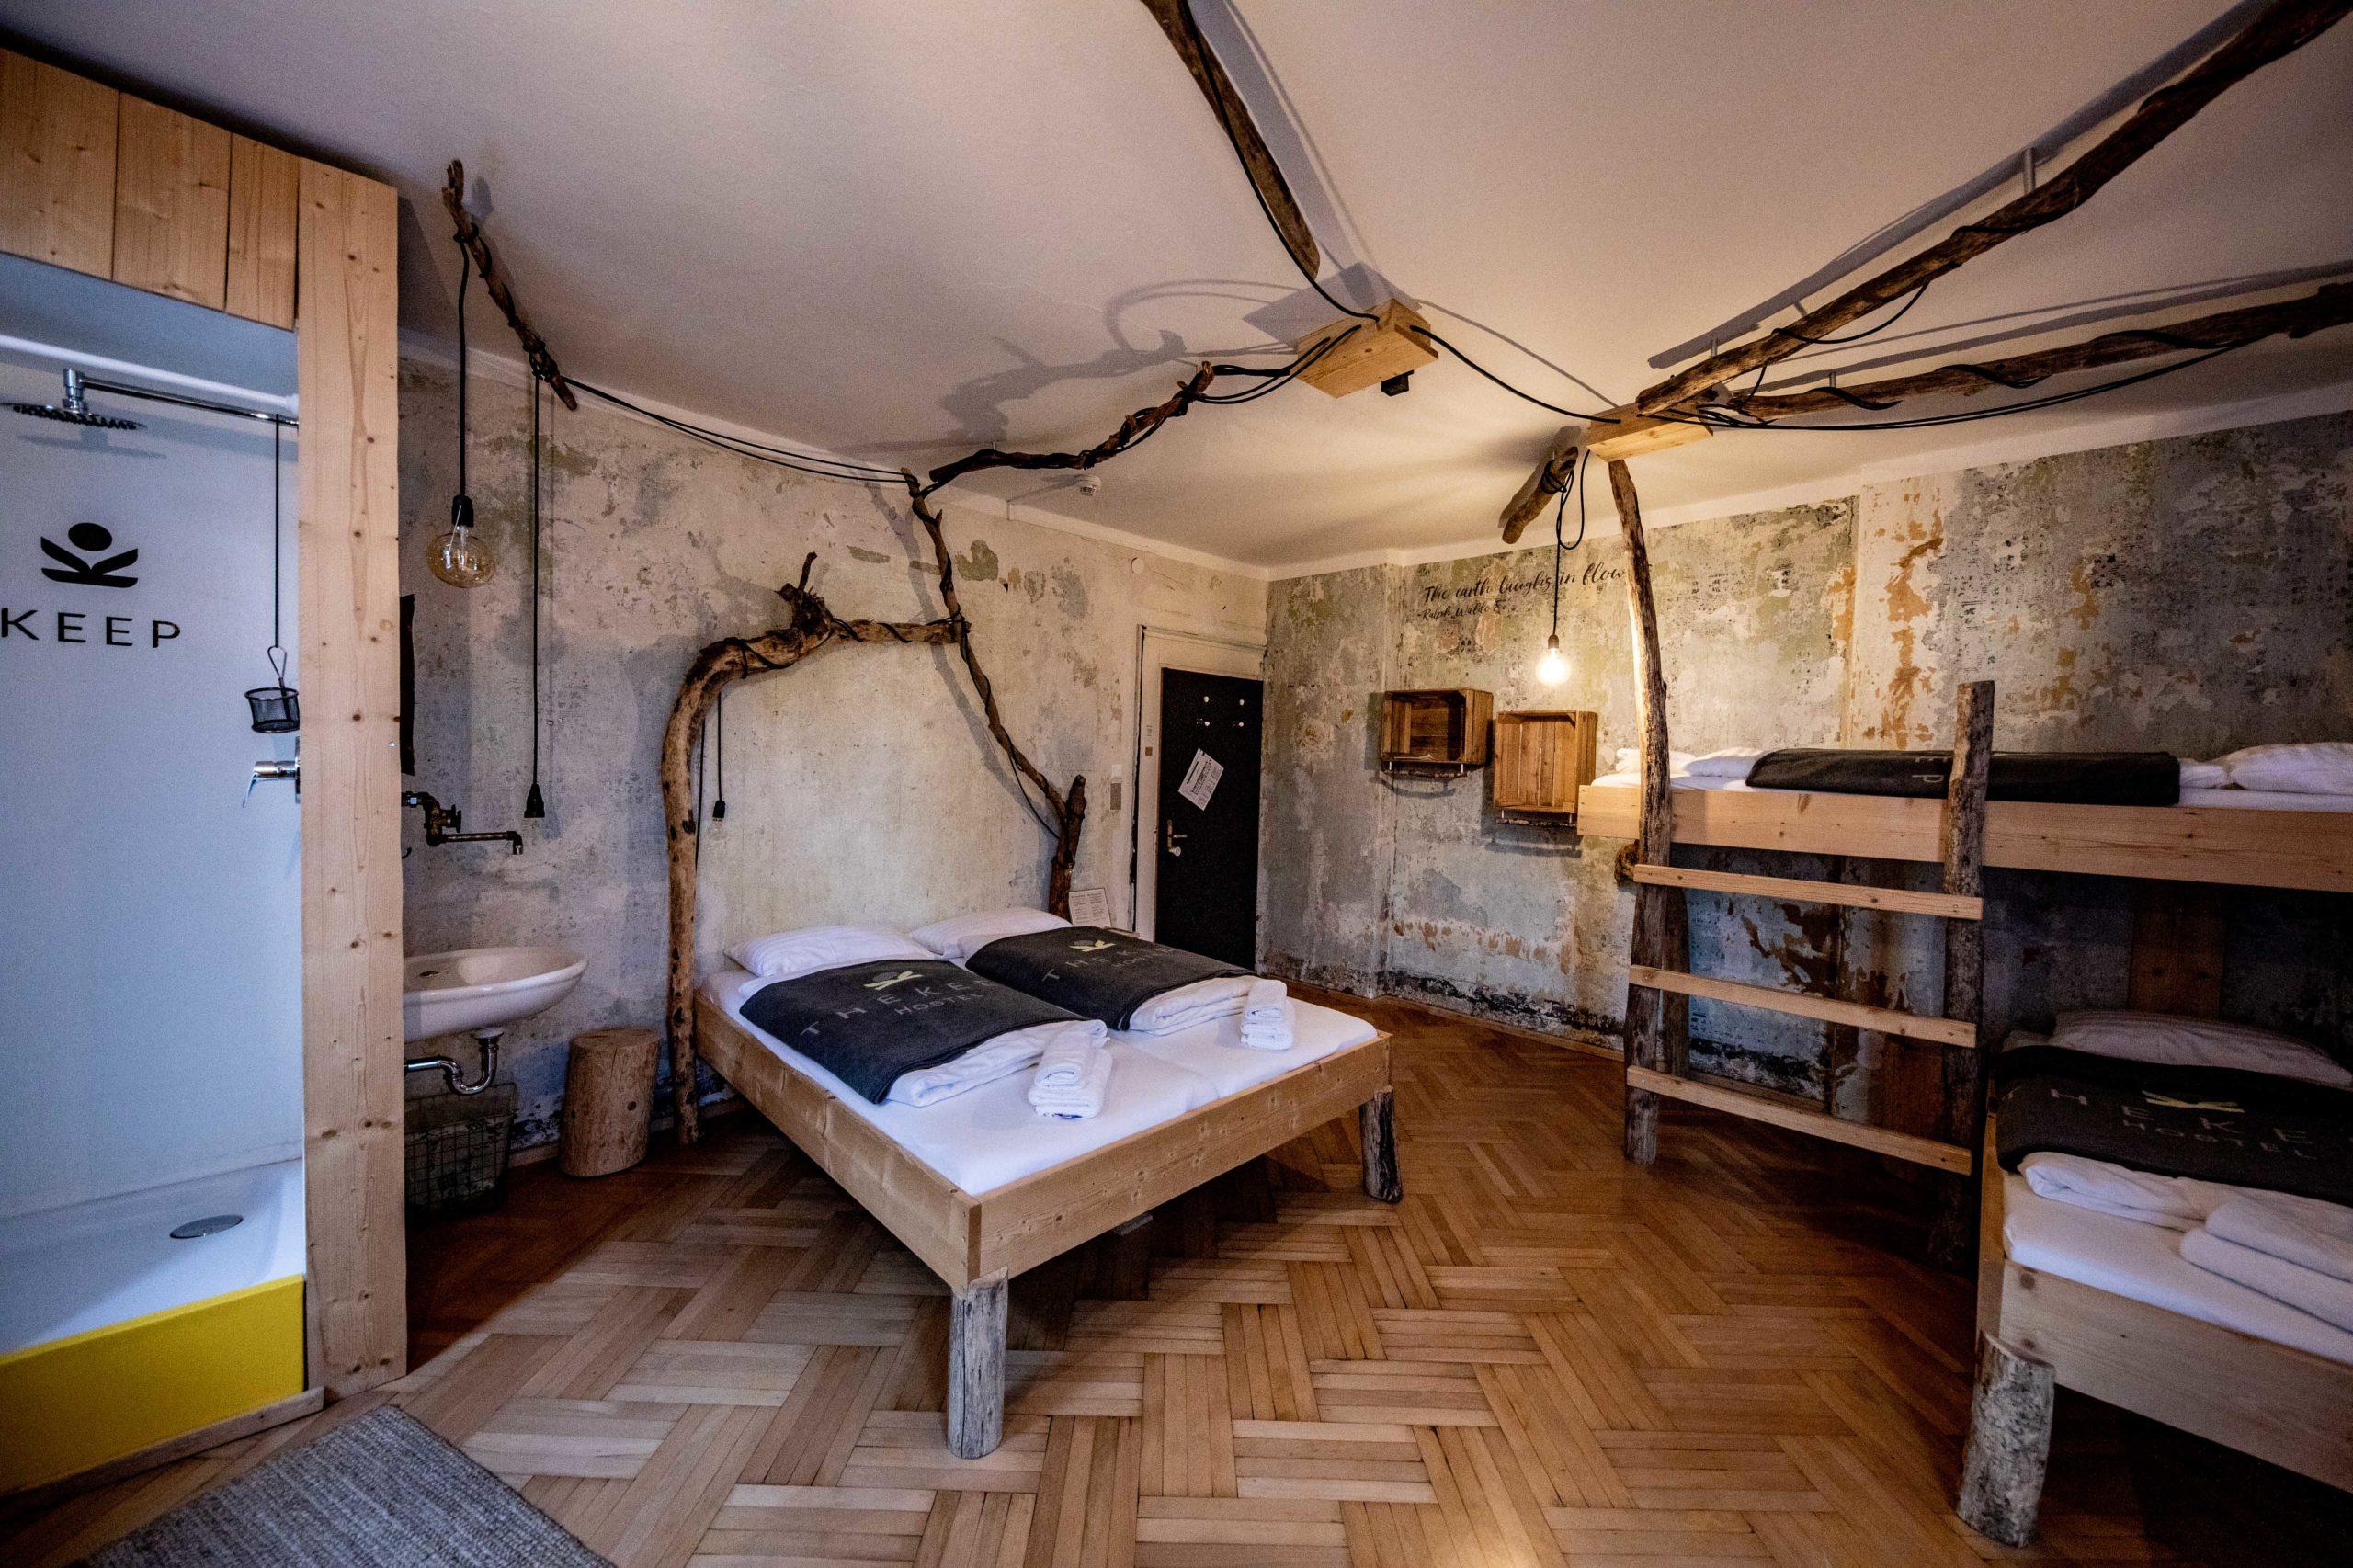 Familientaugliche Mehrbettzimmer, Duschvorhang aus Lkw Planen.  (c) wildbild